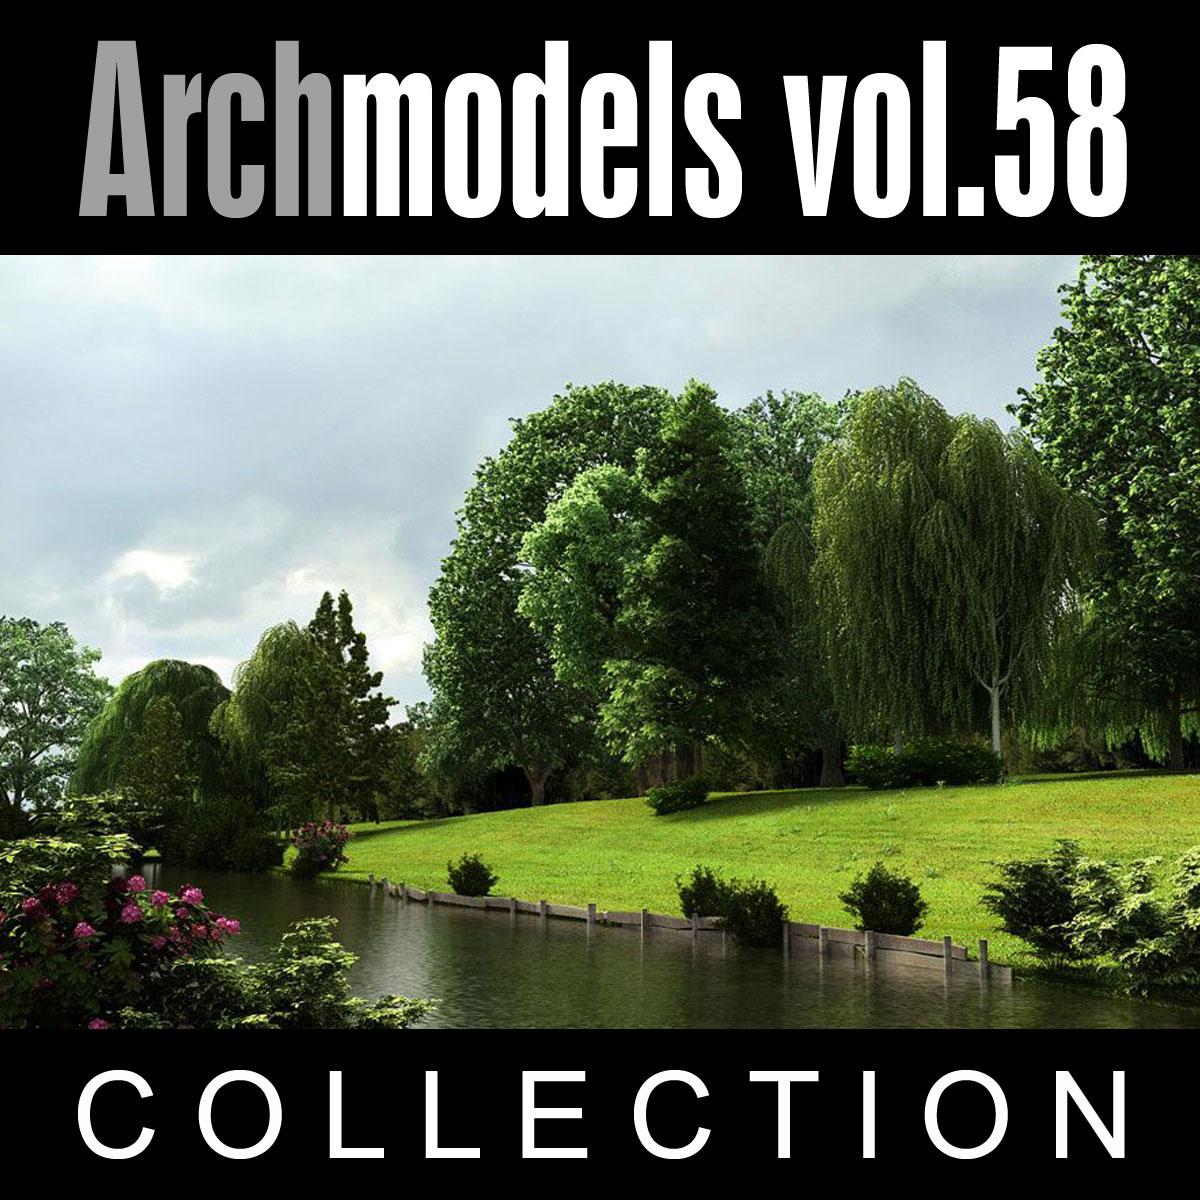 3d archmodels vol 58 trees model